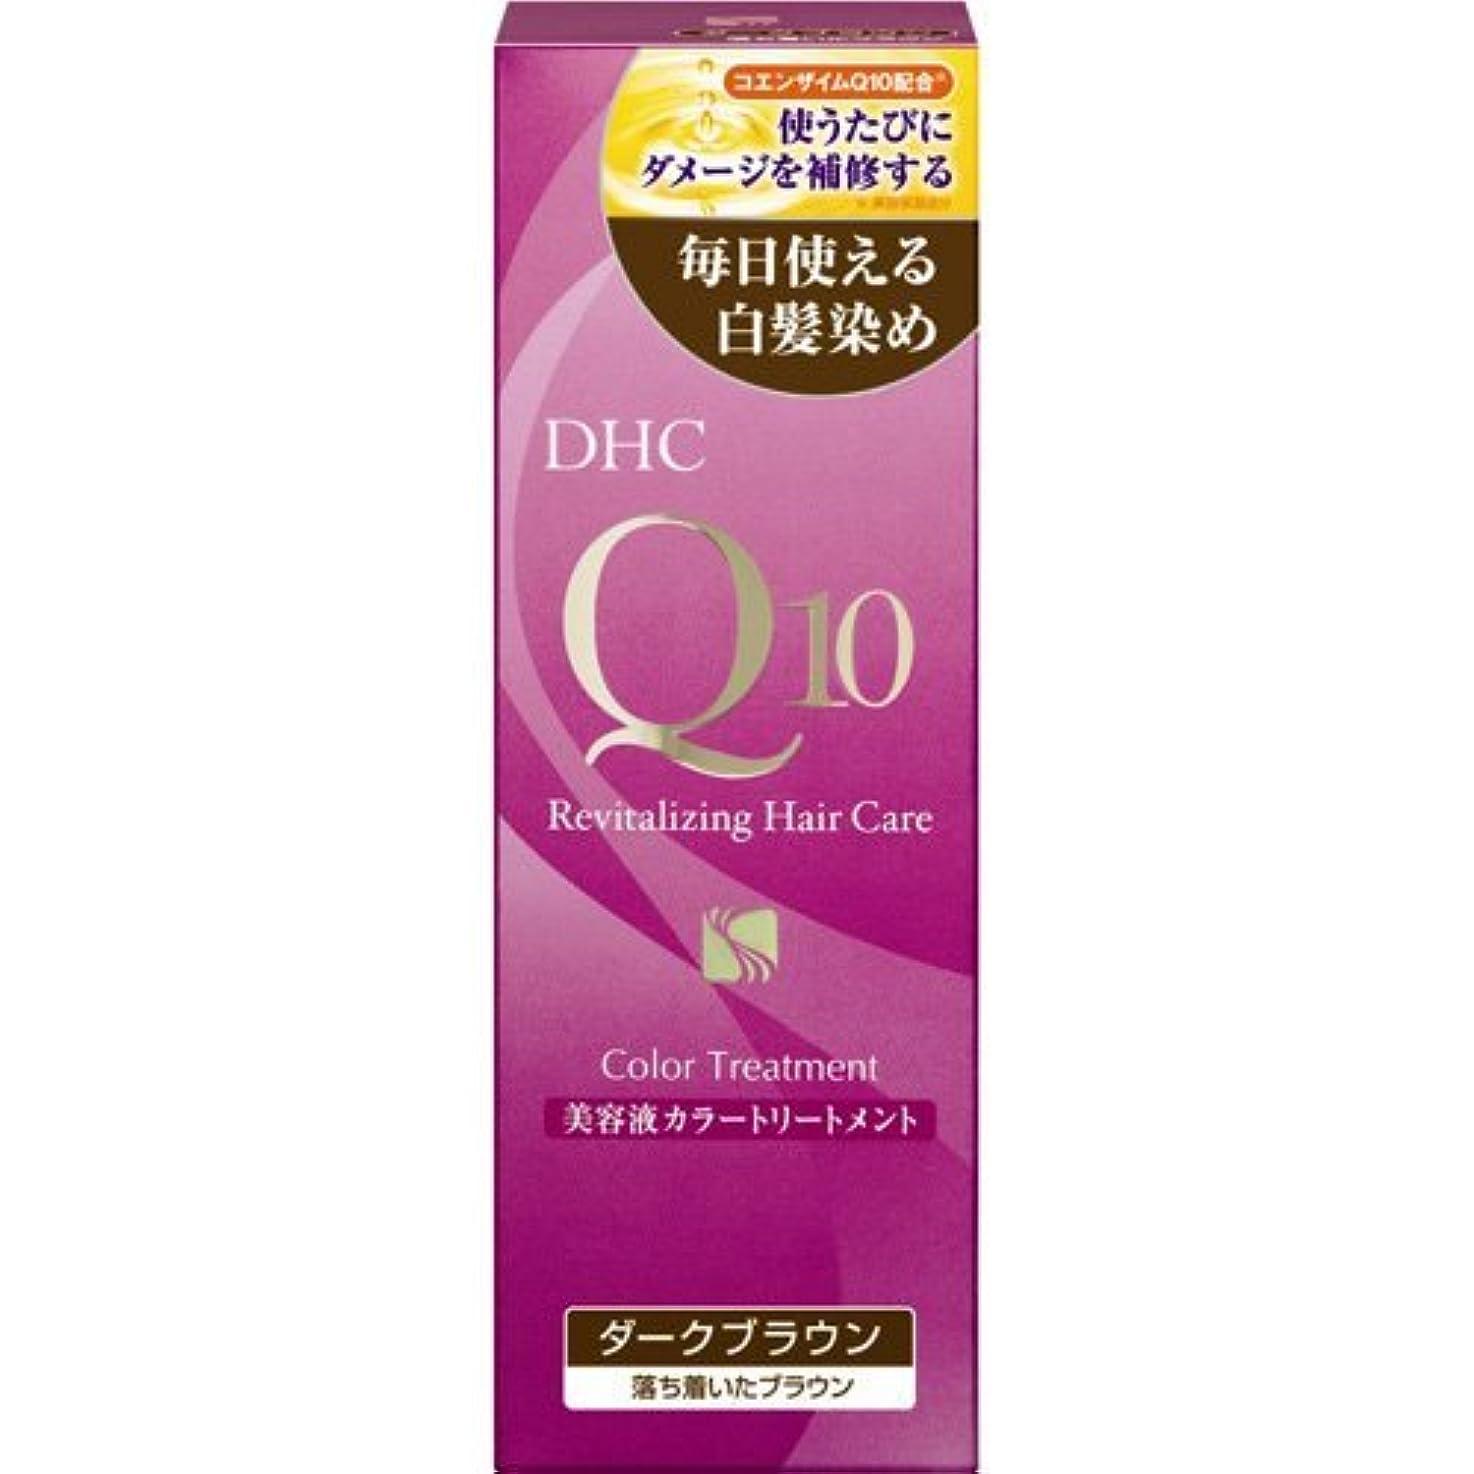 シャベル勃起メッセージ【まとめ買い】DHC Q10美溶液カラートリートメントDブラウンSS170g ×5個